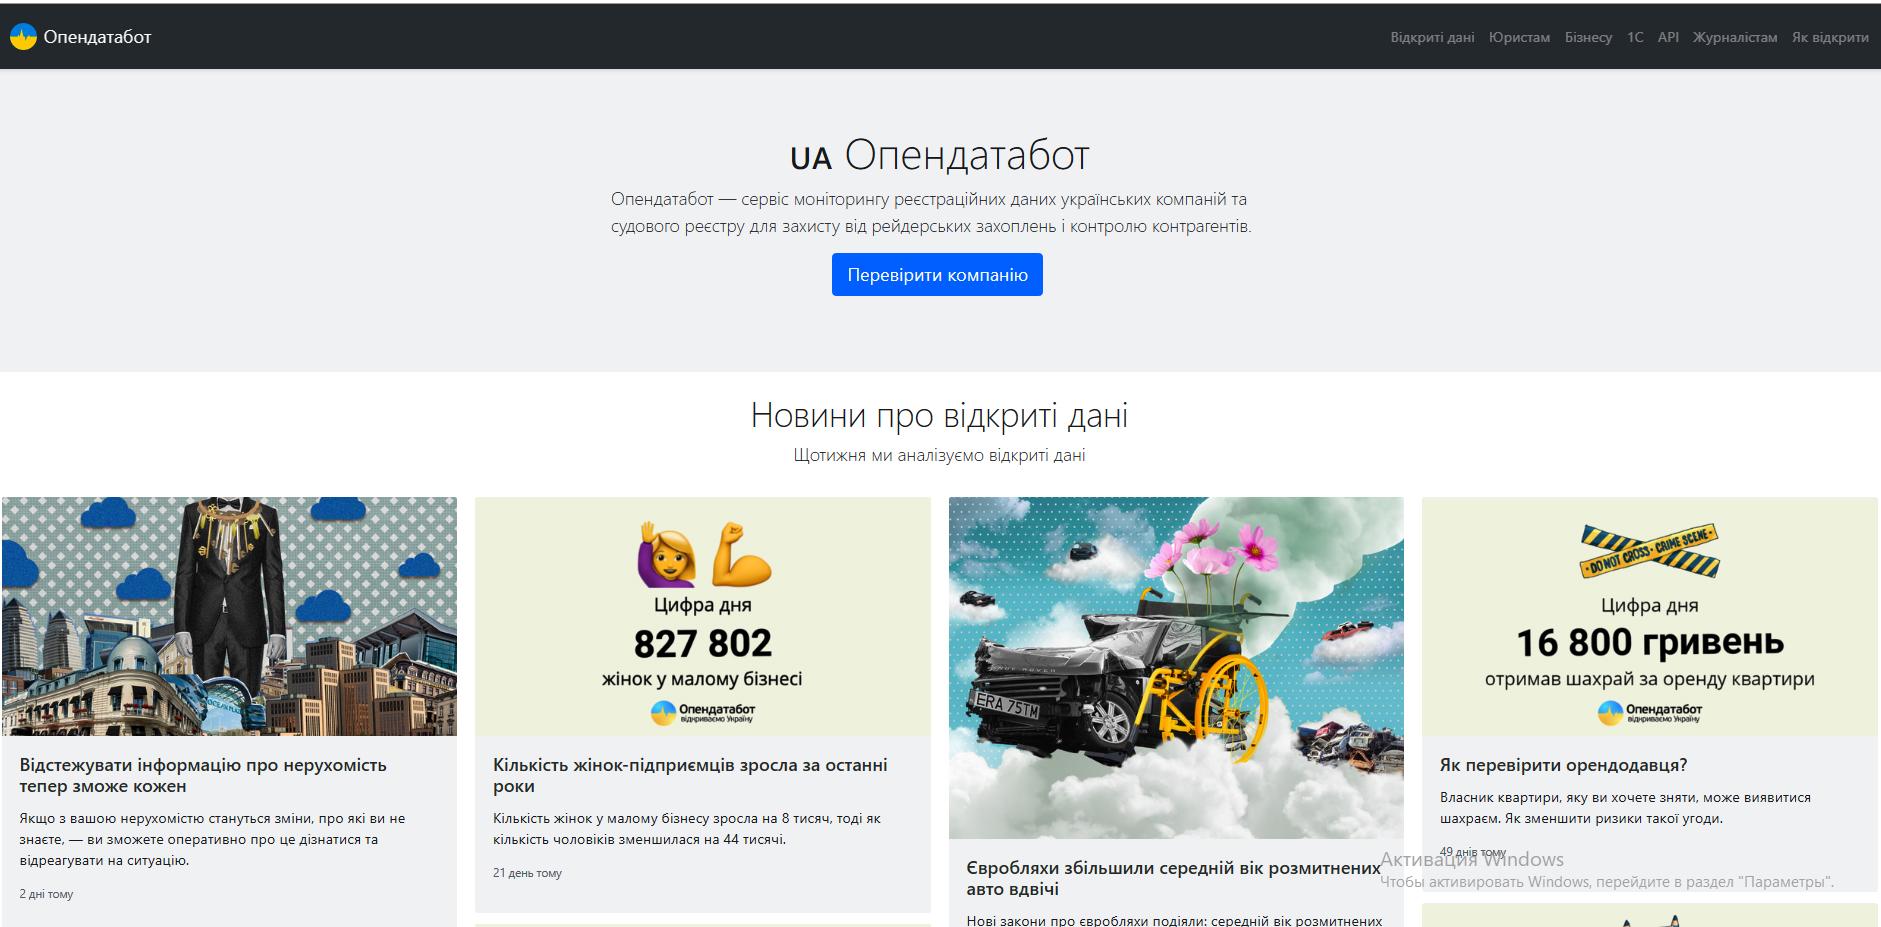 Українці зможуть відстежувати інформацію про нерухомість онлайн 7